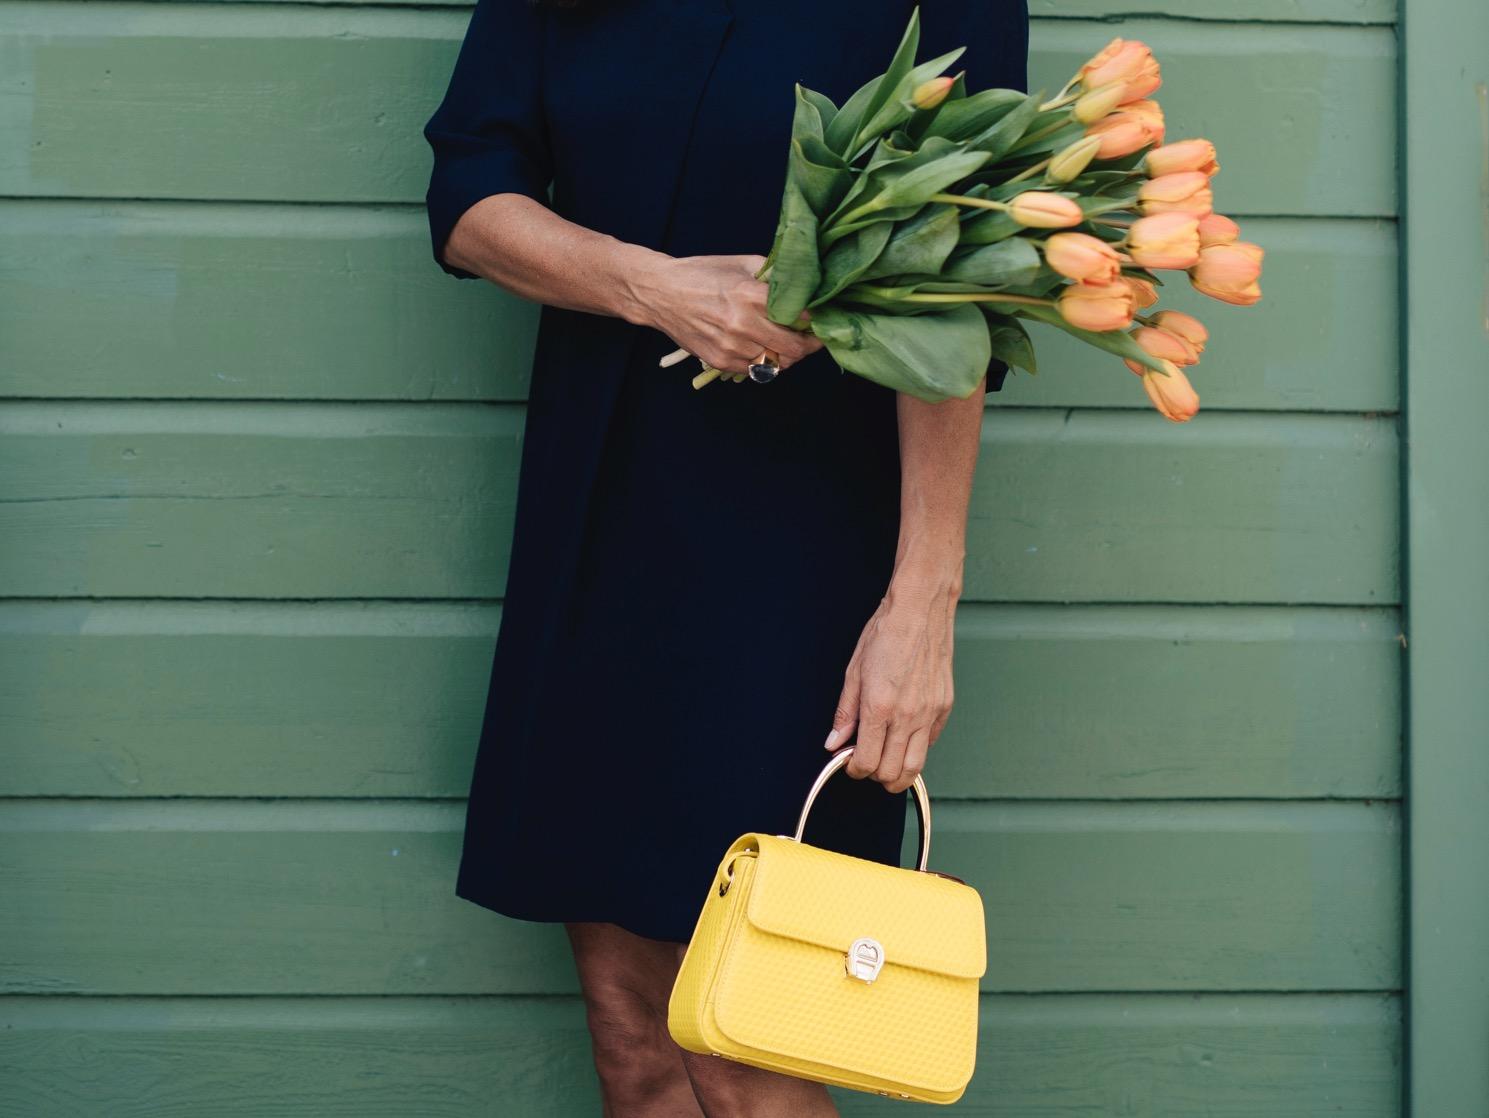 Klassisches Kleid in A Linie Olsen Fashion Beate Finken Bloggerin bei BeFifty Stylingtipps Sommer und Kleider Blog für Frauen über 40 und ab 50 Figuttipps für Frauen über 50 Blaues Kleid und gelbe Tasche und gelbe Schuhe